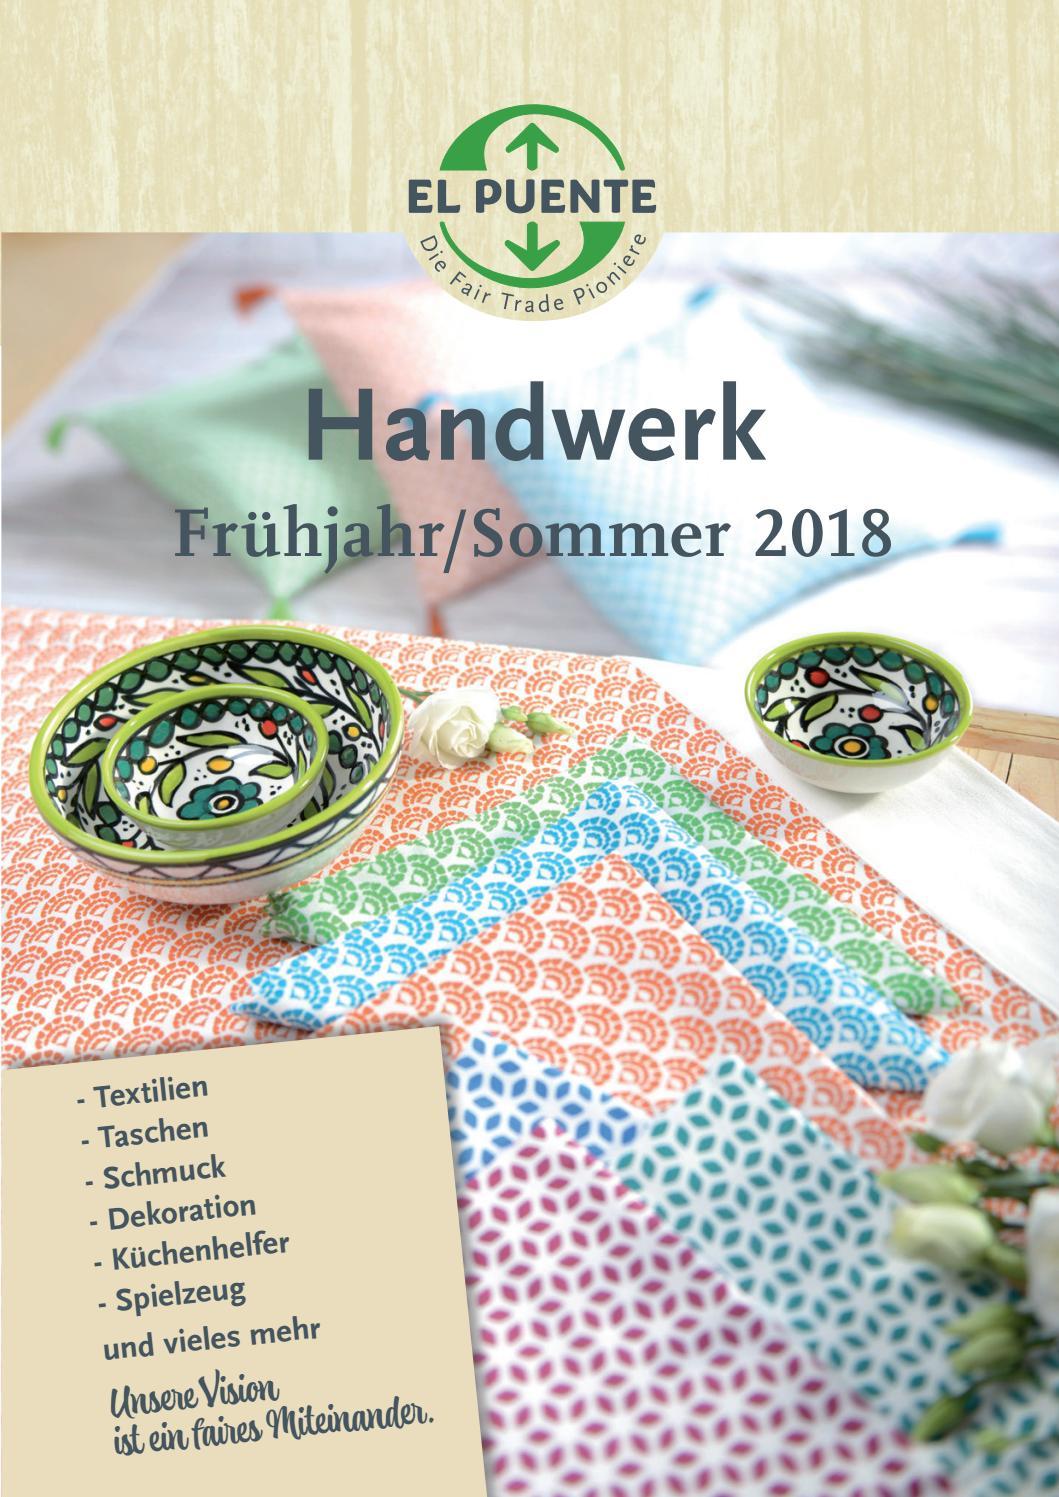 El Puente Katalog Handwerk Frühjahr/Sommer 2018 by EL PUENTE - issuu